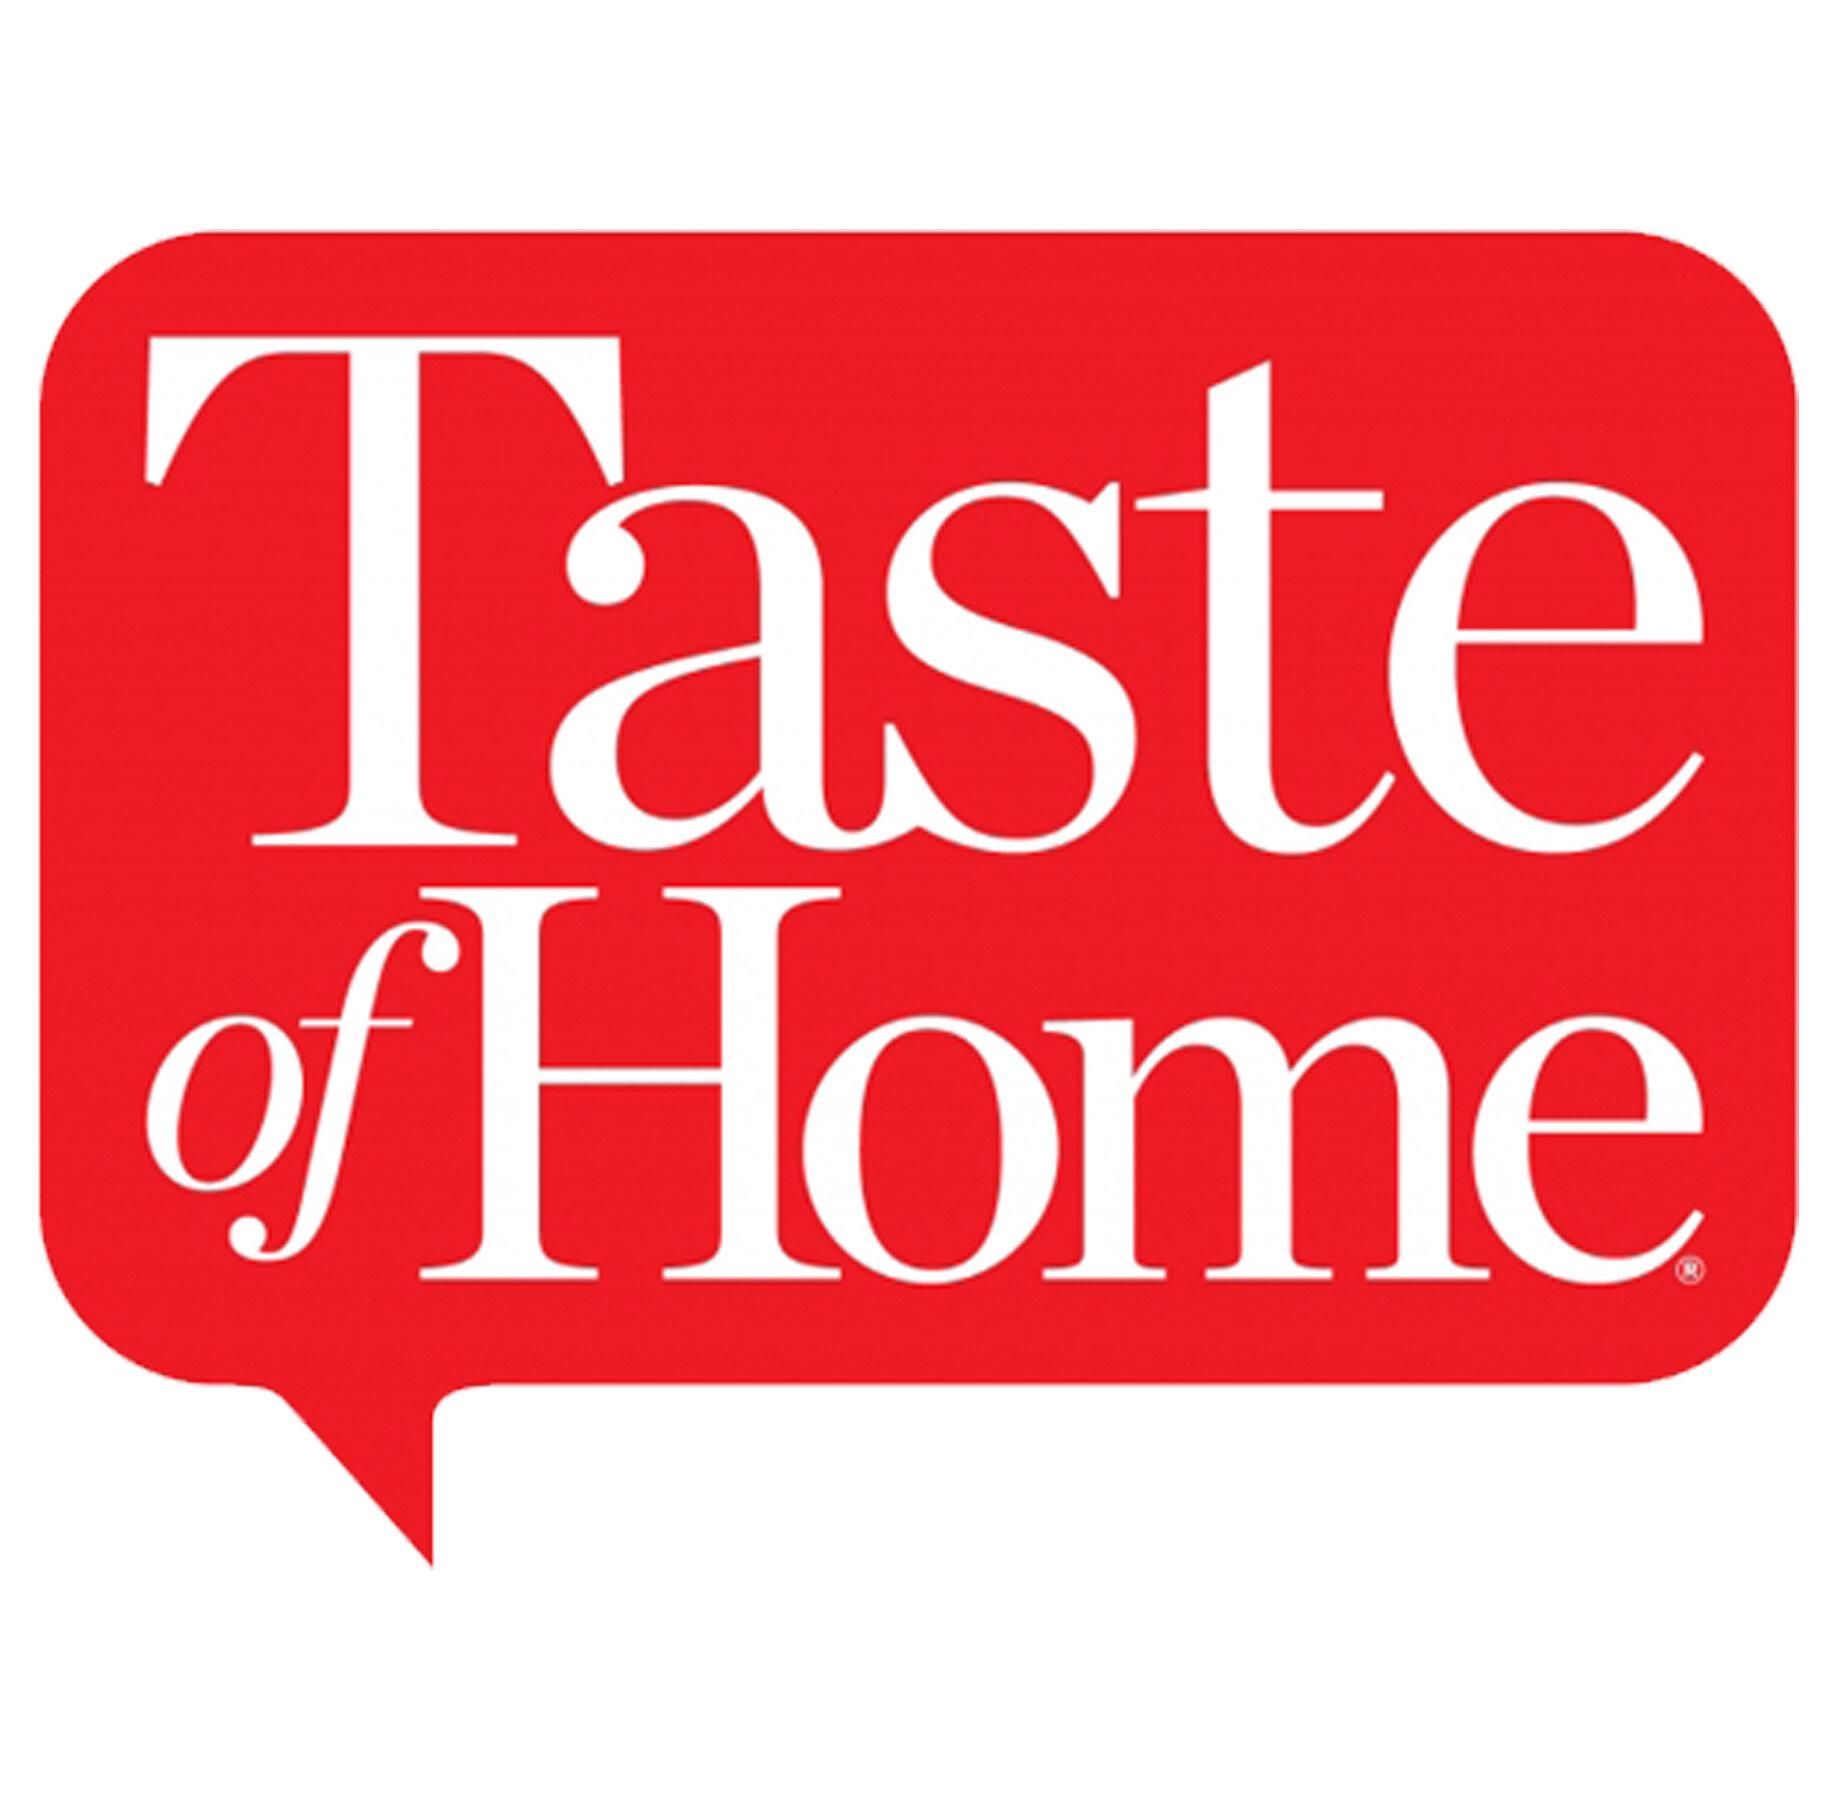 tasteofhome.jpg